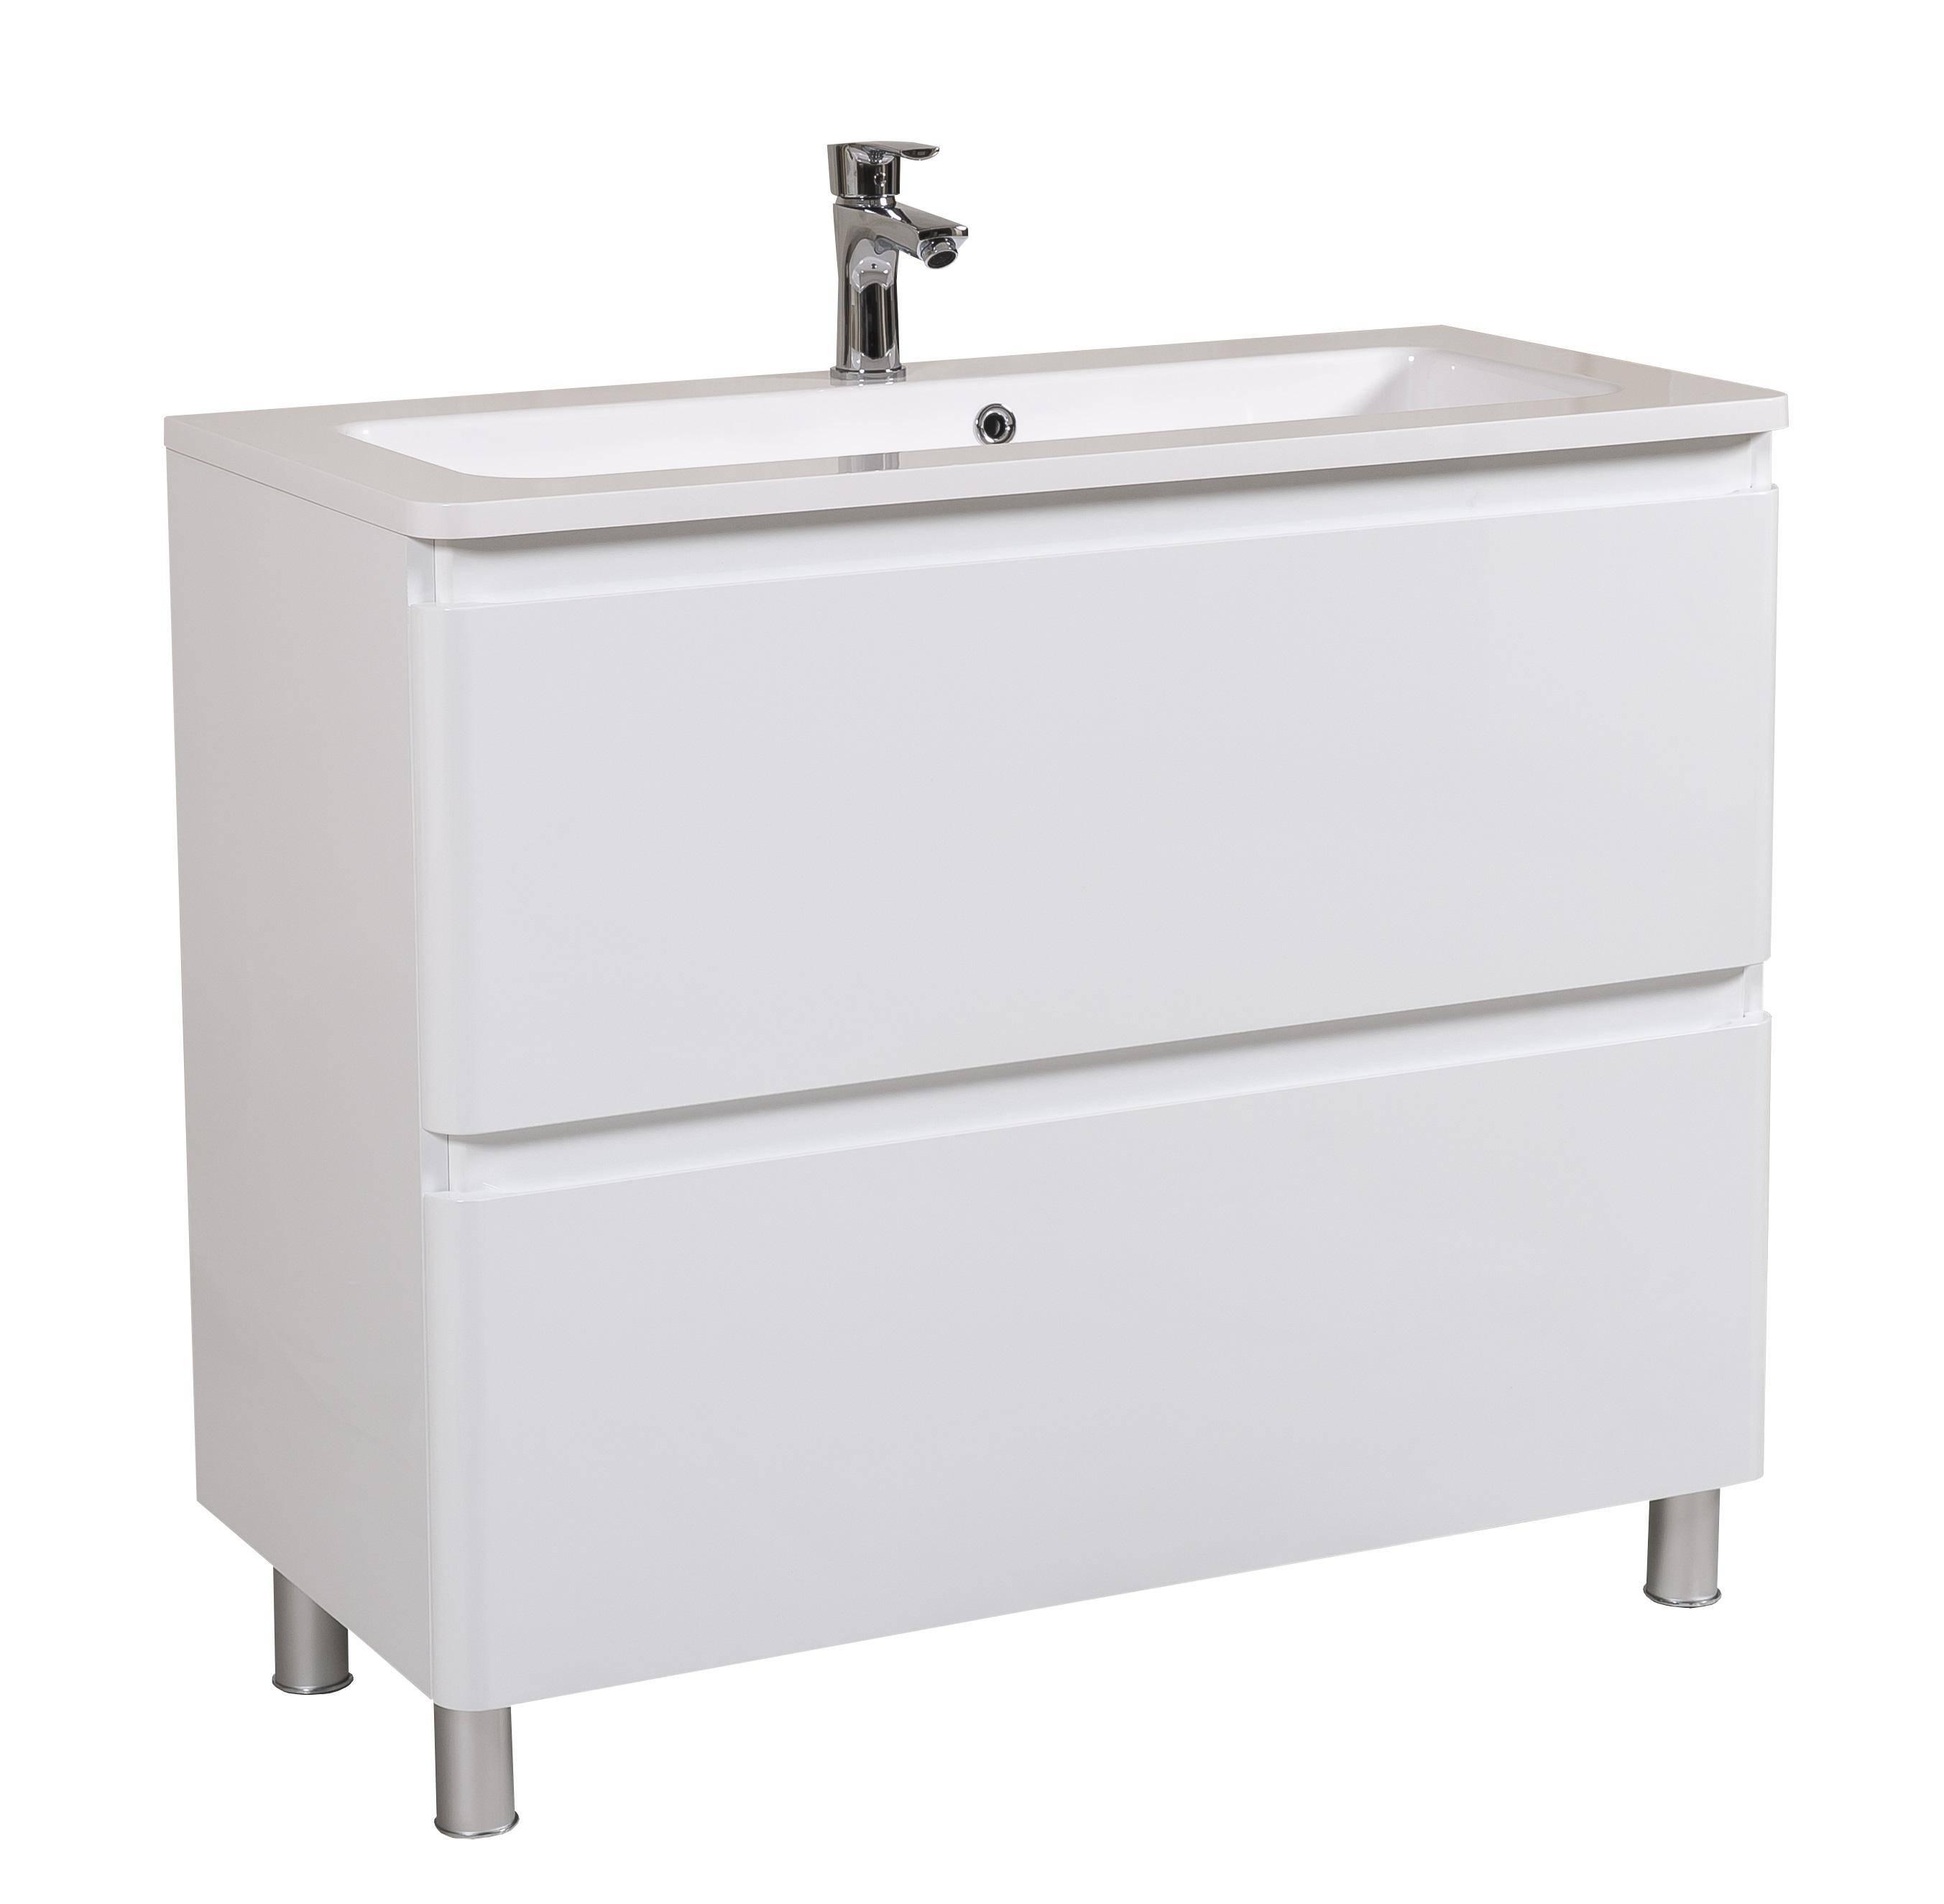 Мебель Aquarodos Акцент с умывальником Альфа 100 см (напольная)